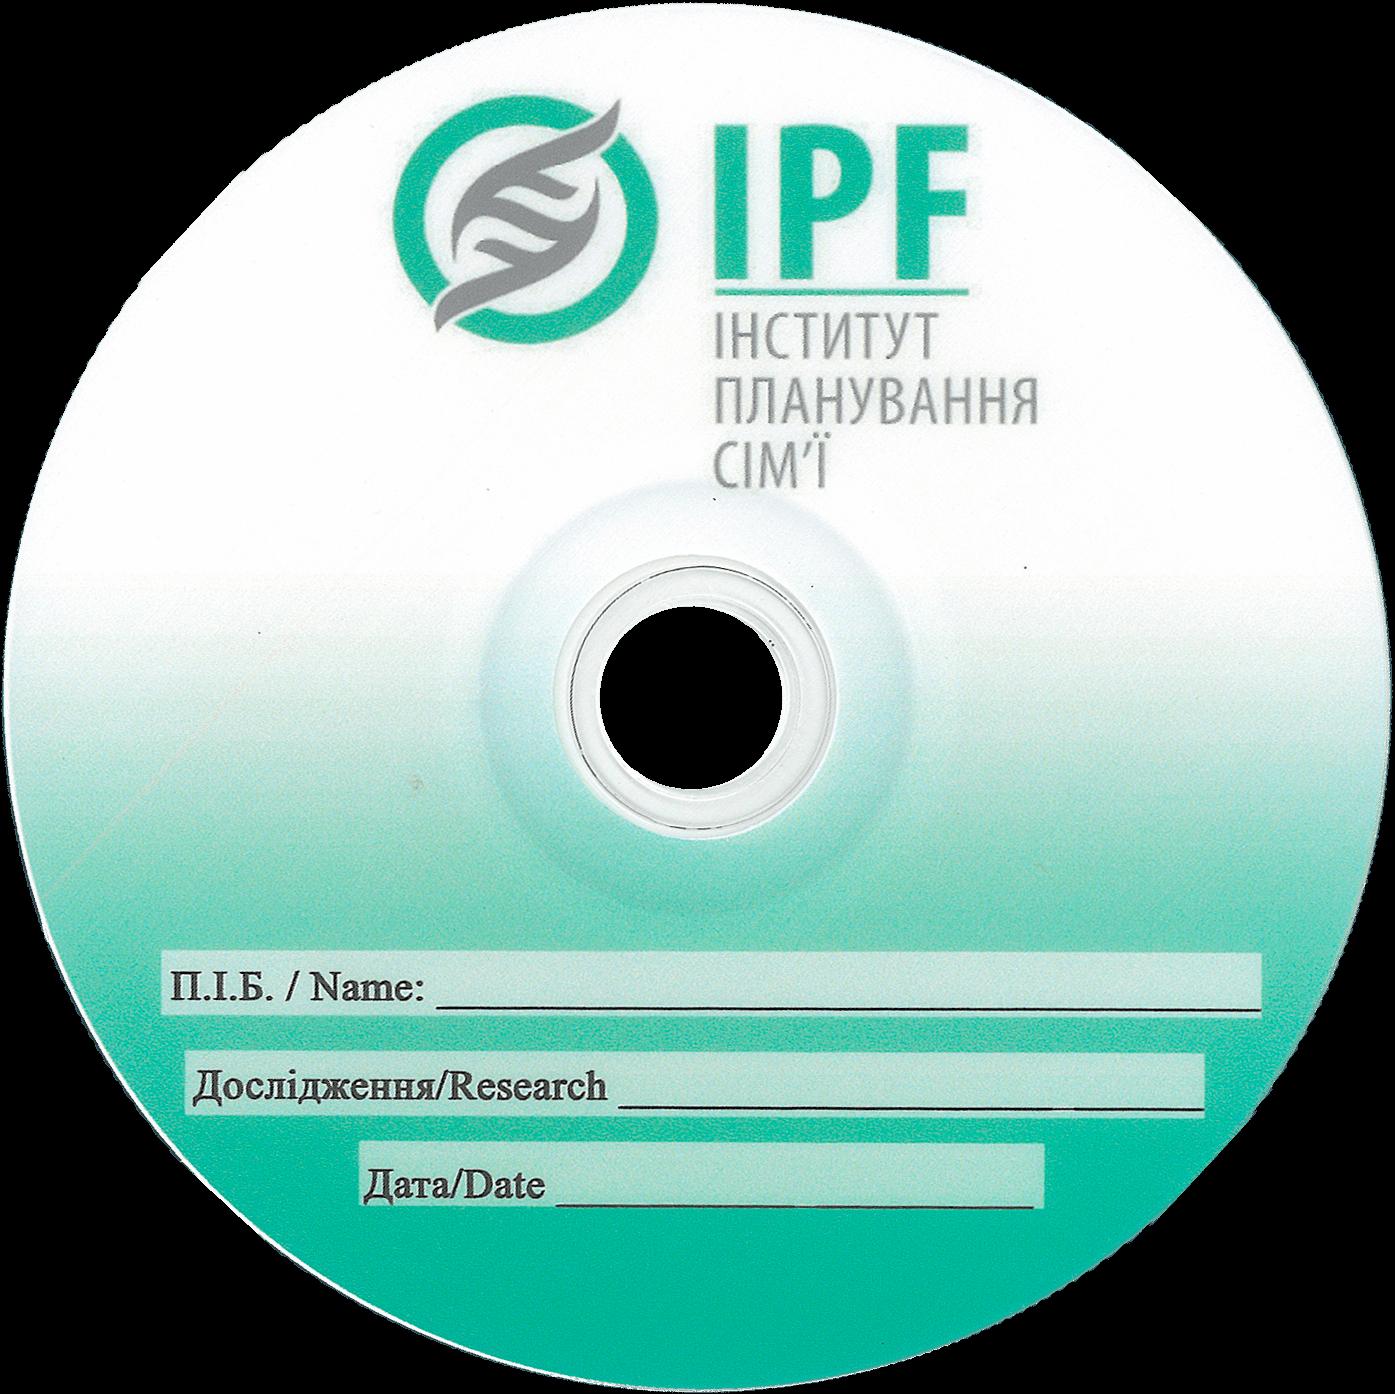 IPF. Институт планирования семьи